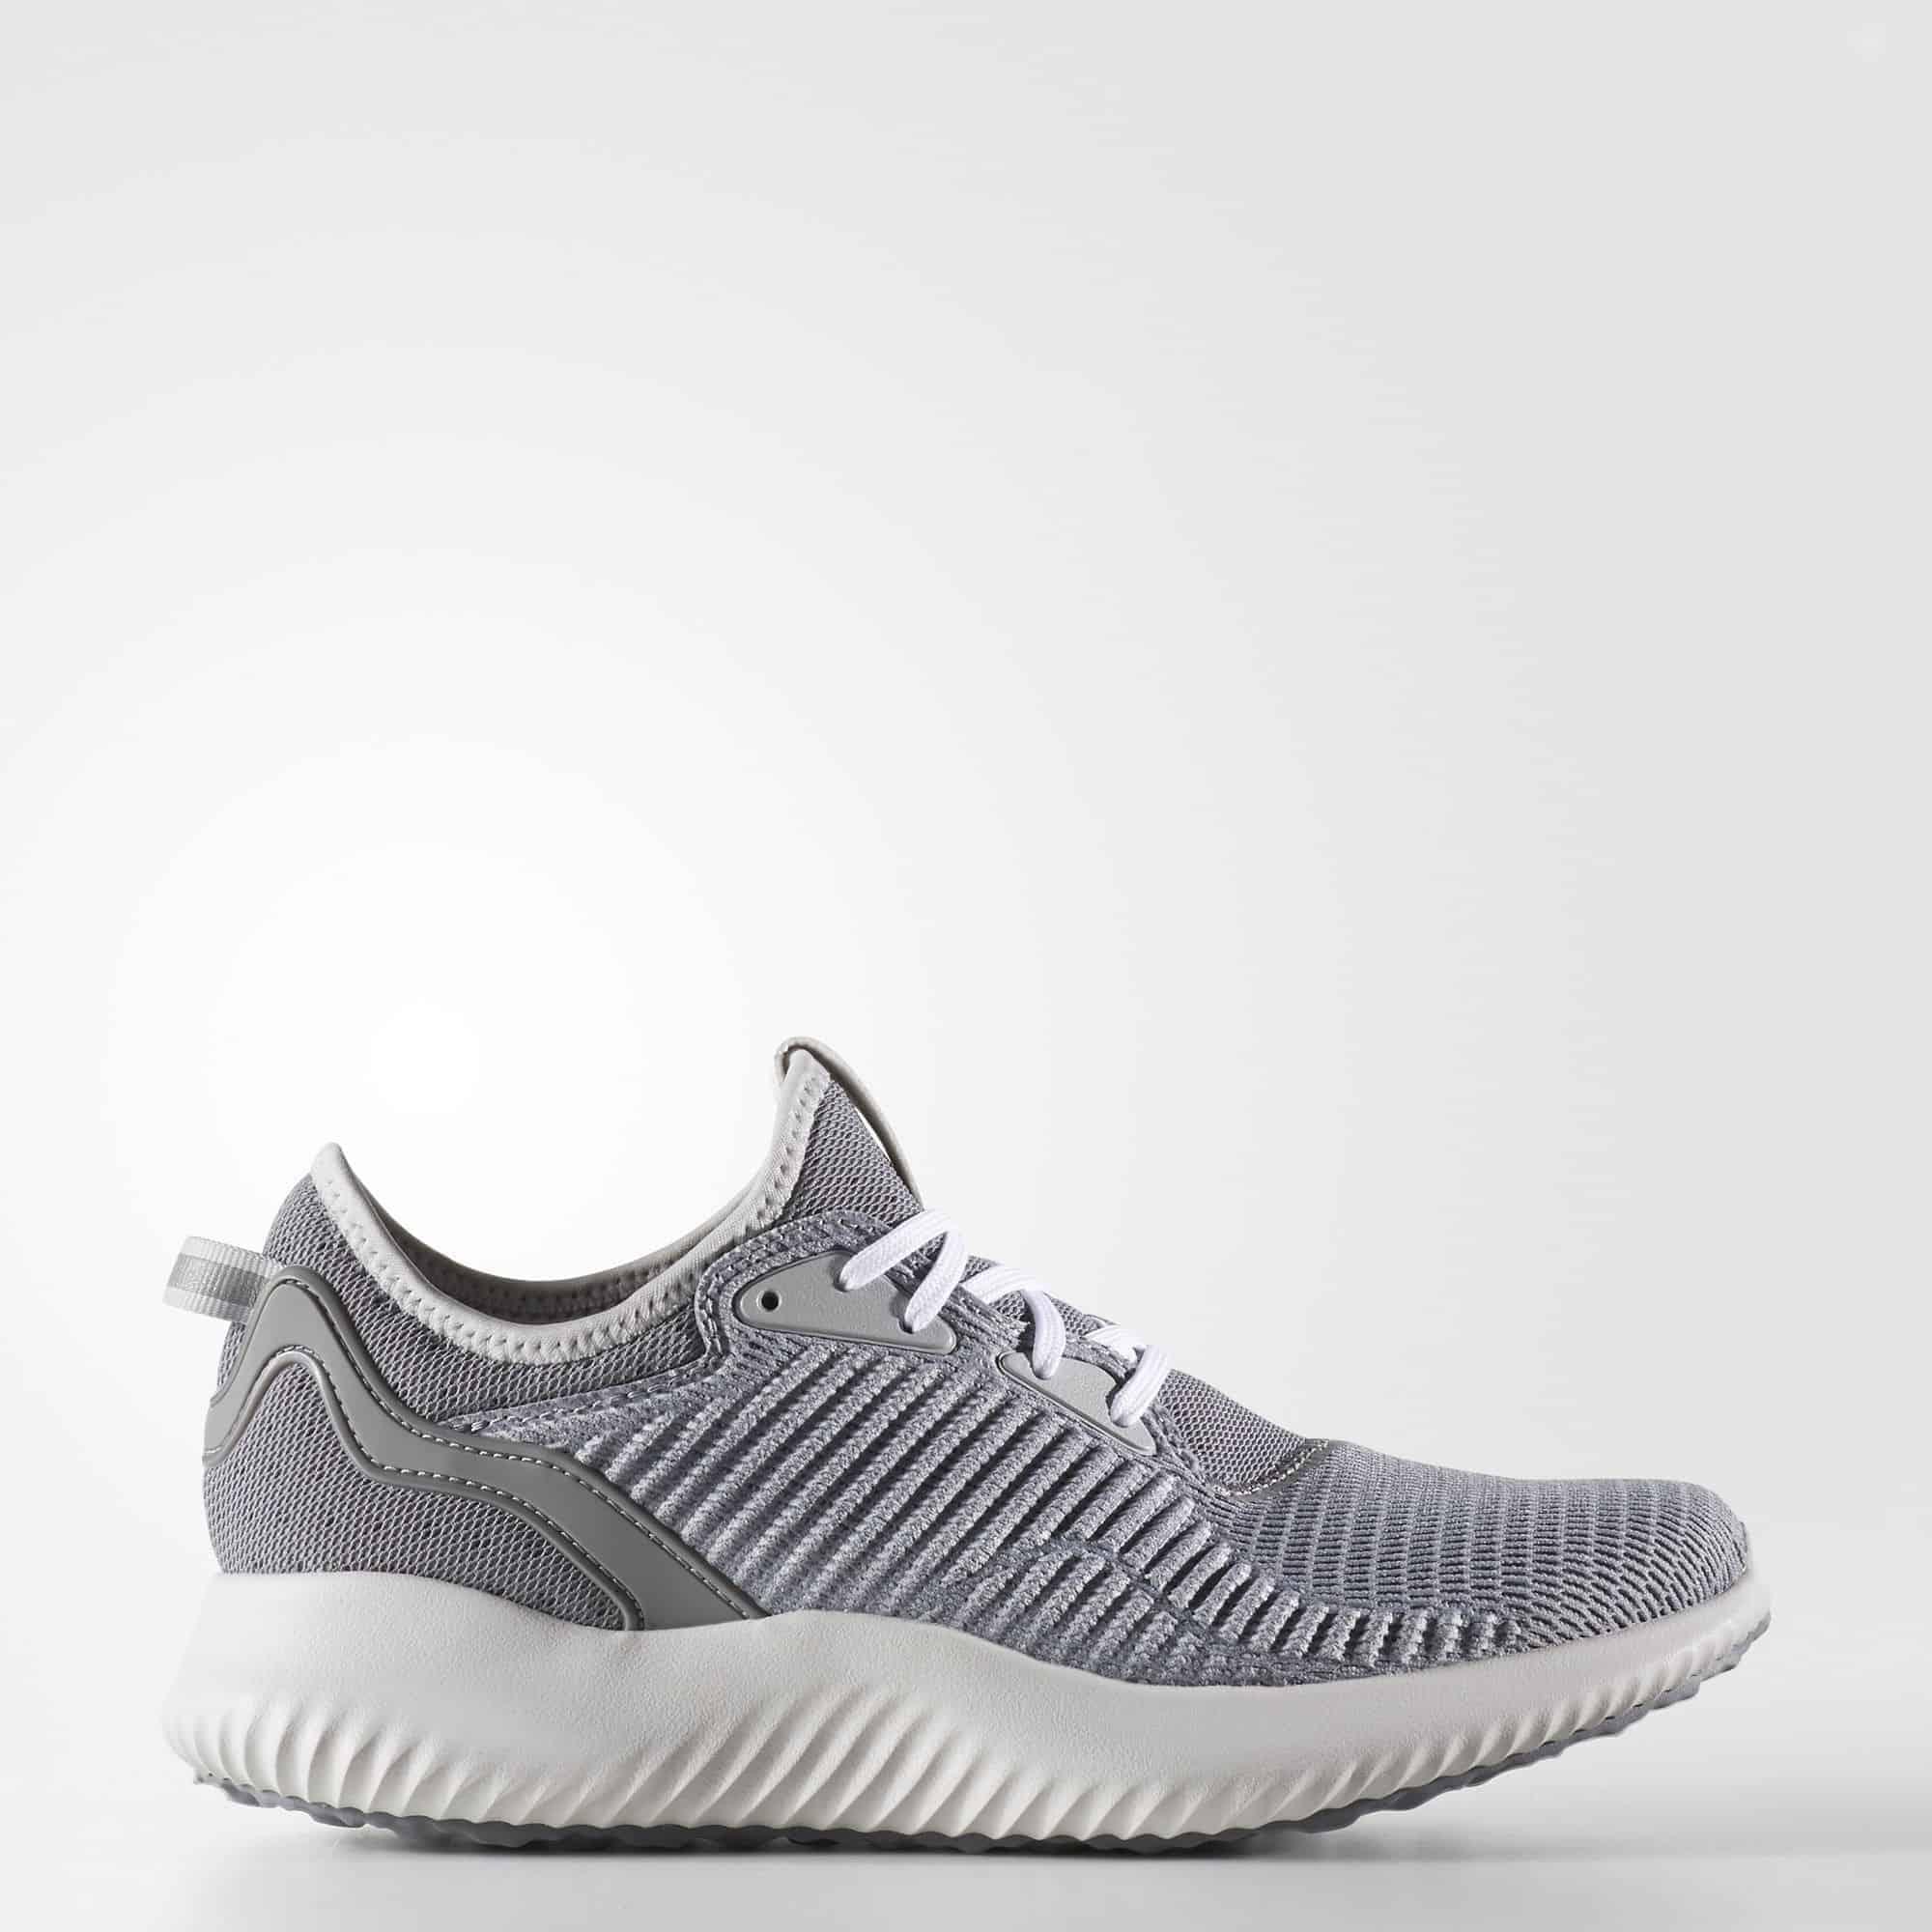 Кроссовки для бега Adidas Alphabounce Lux женские